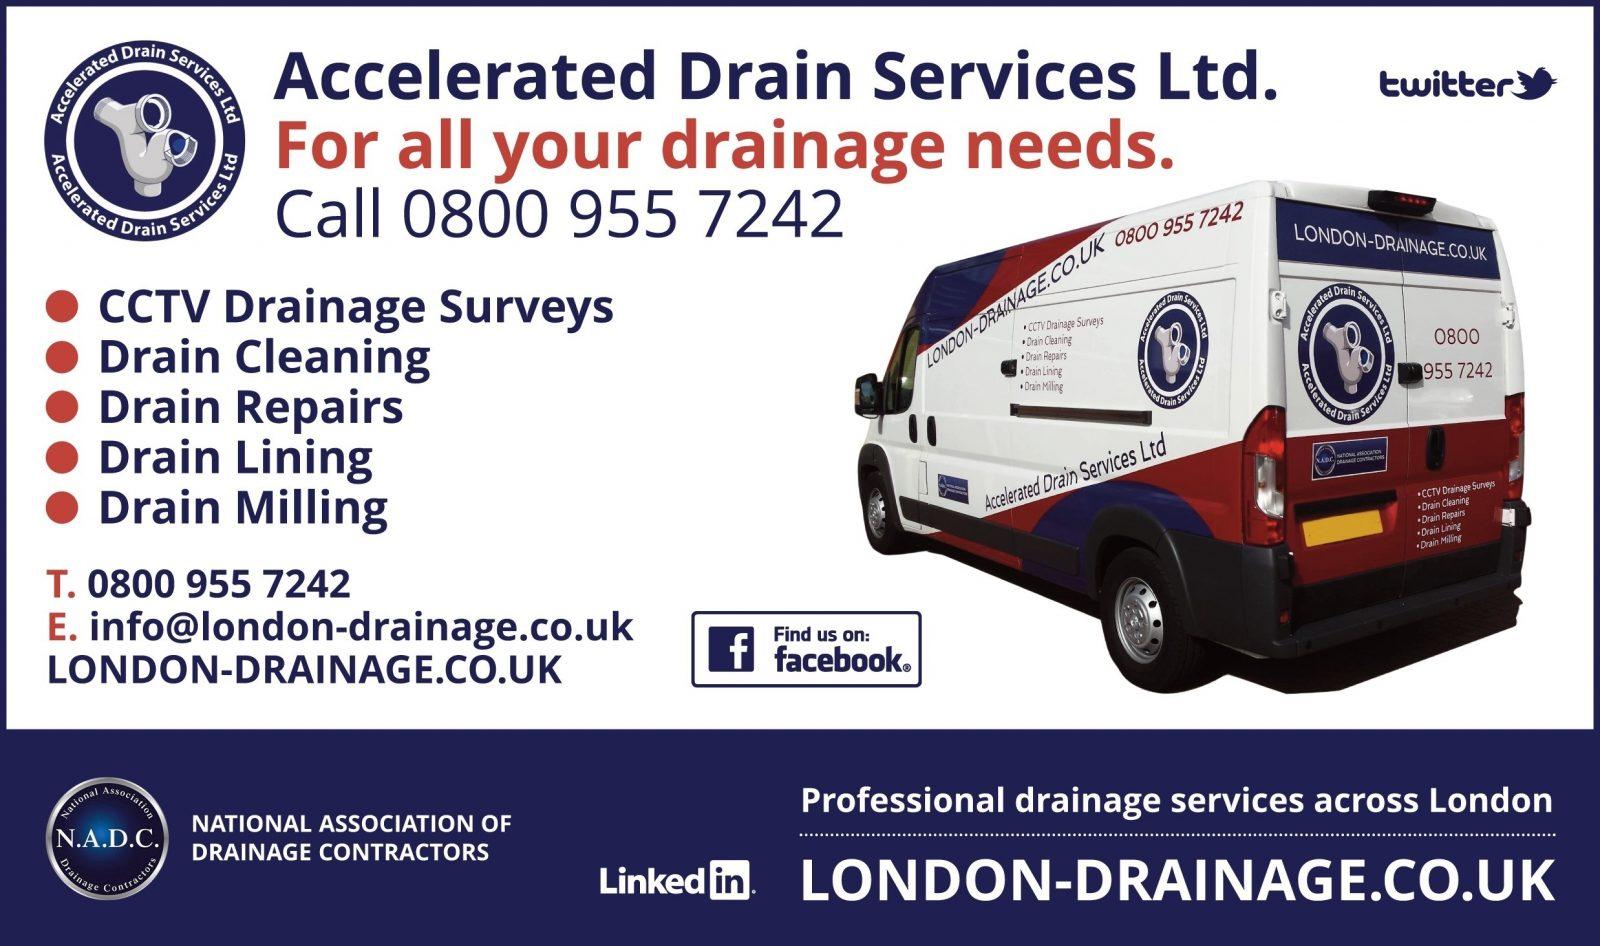 Drainage Services, Islington - EC1, EC2, N16, N19, N1, N4, N5, N6, N7, N8, NW5, WC1